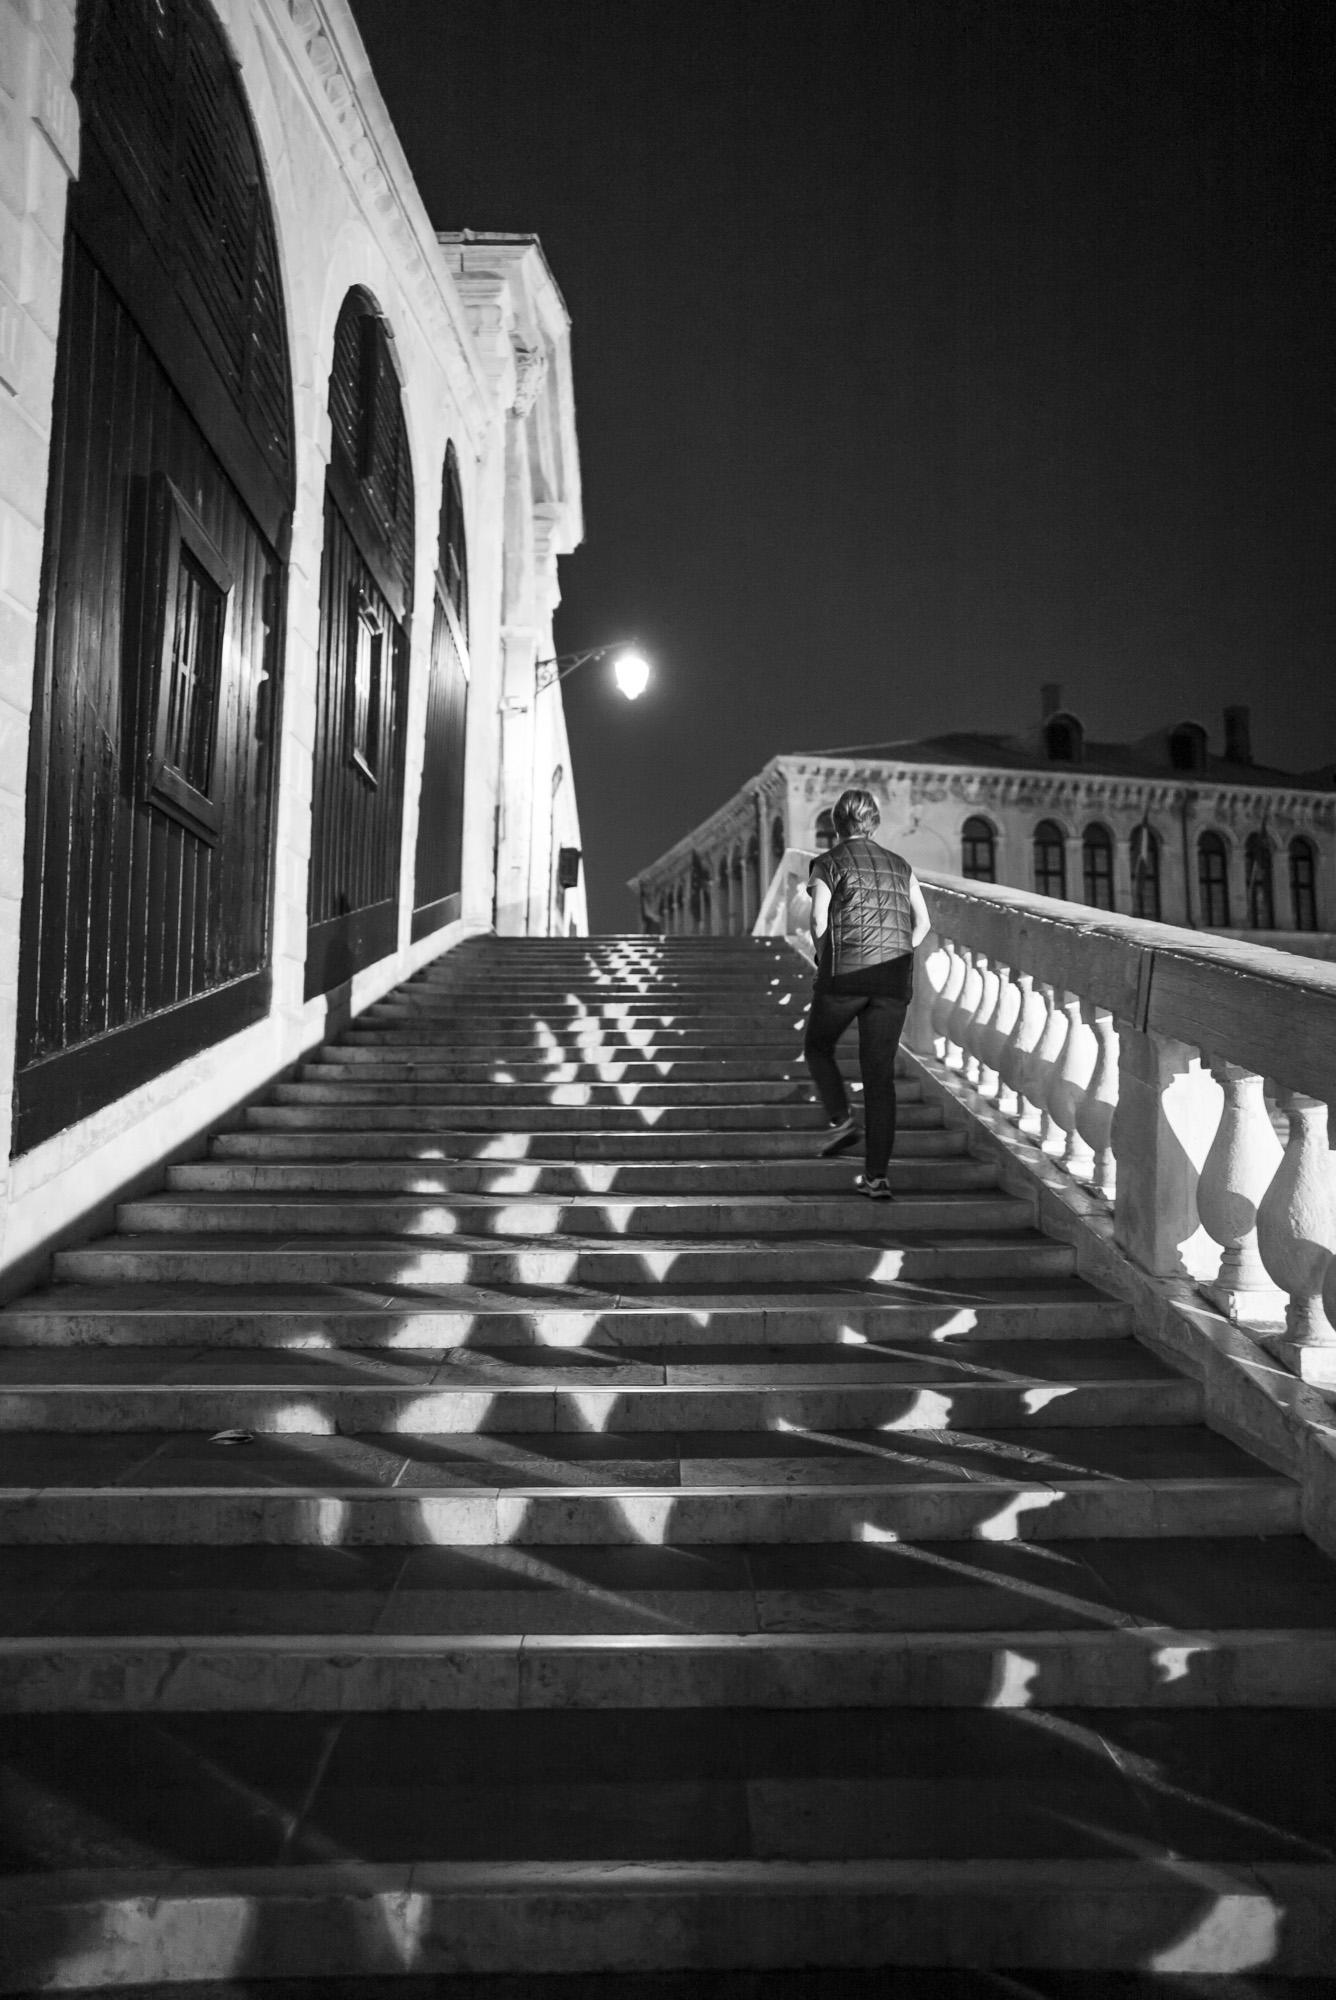 Steps of Rialto at night